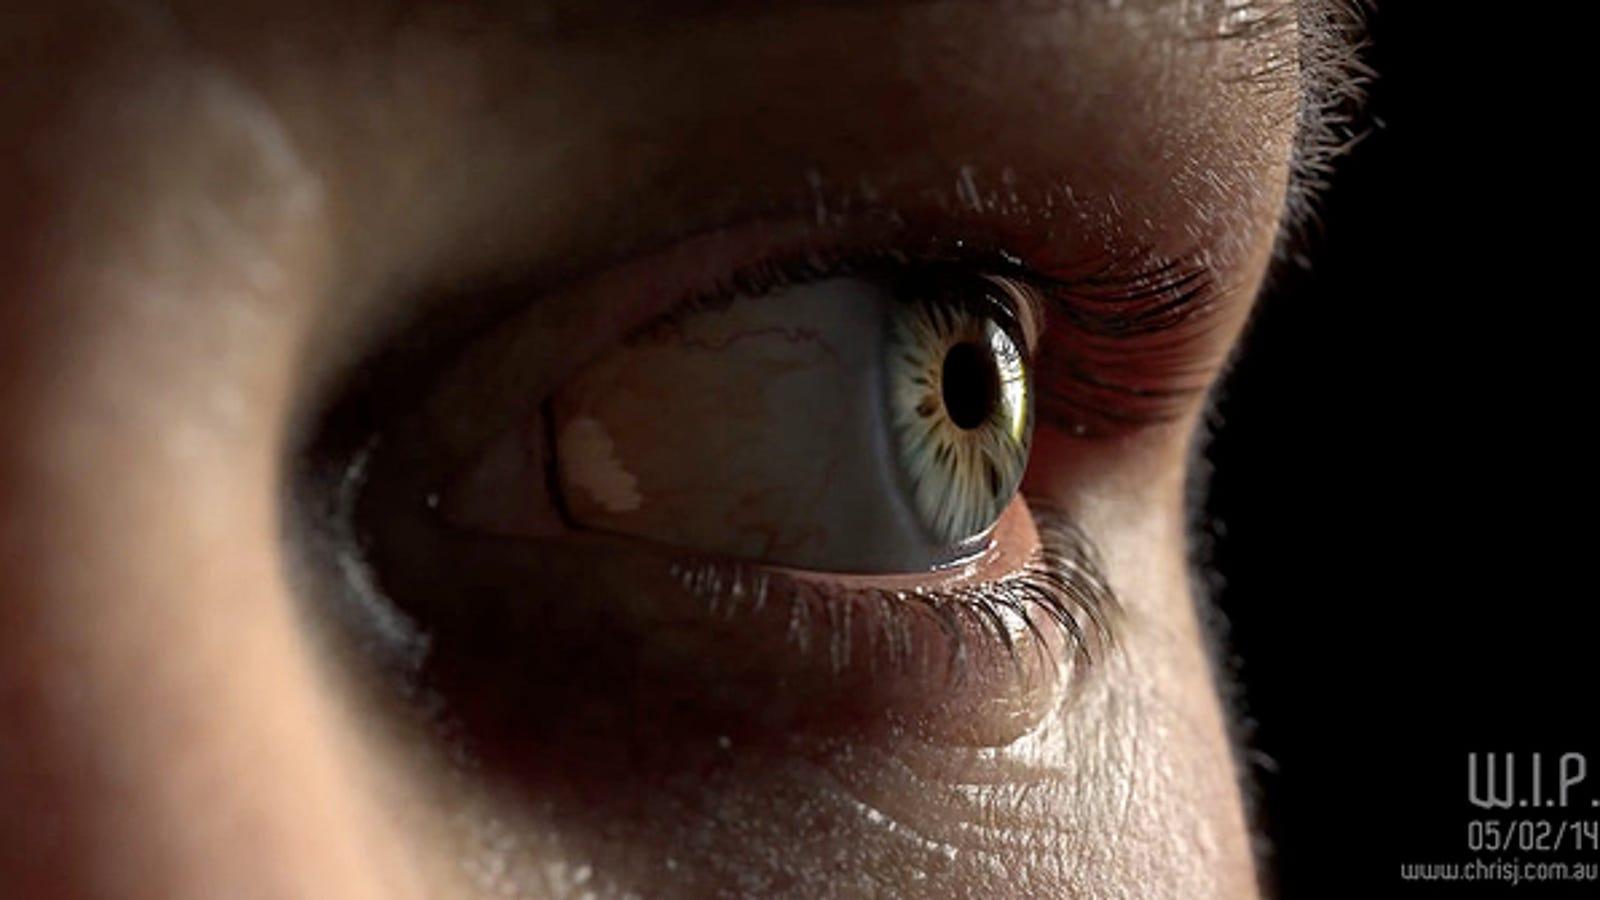 Este ojo no es real, está generado por ordenador